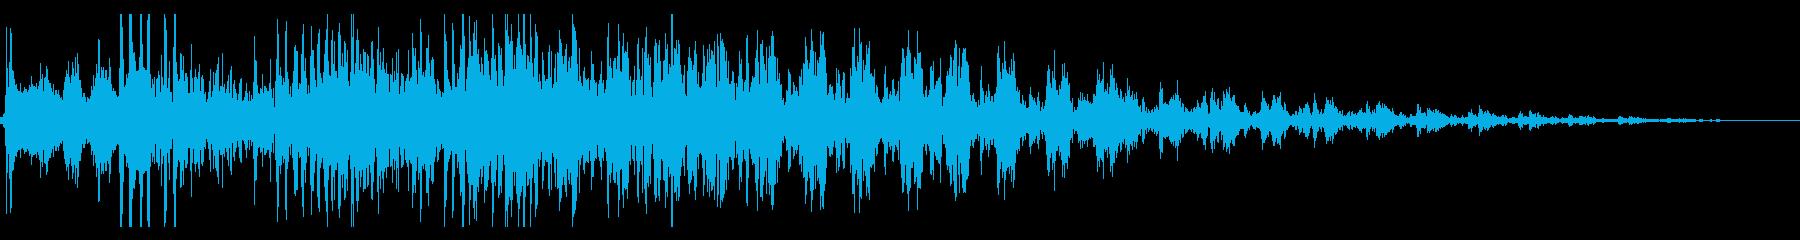 ハーレー系の大型バイク/エンジン効果音1の再生済みの波形